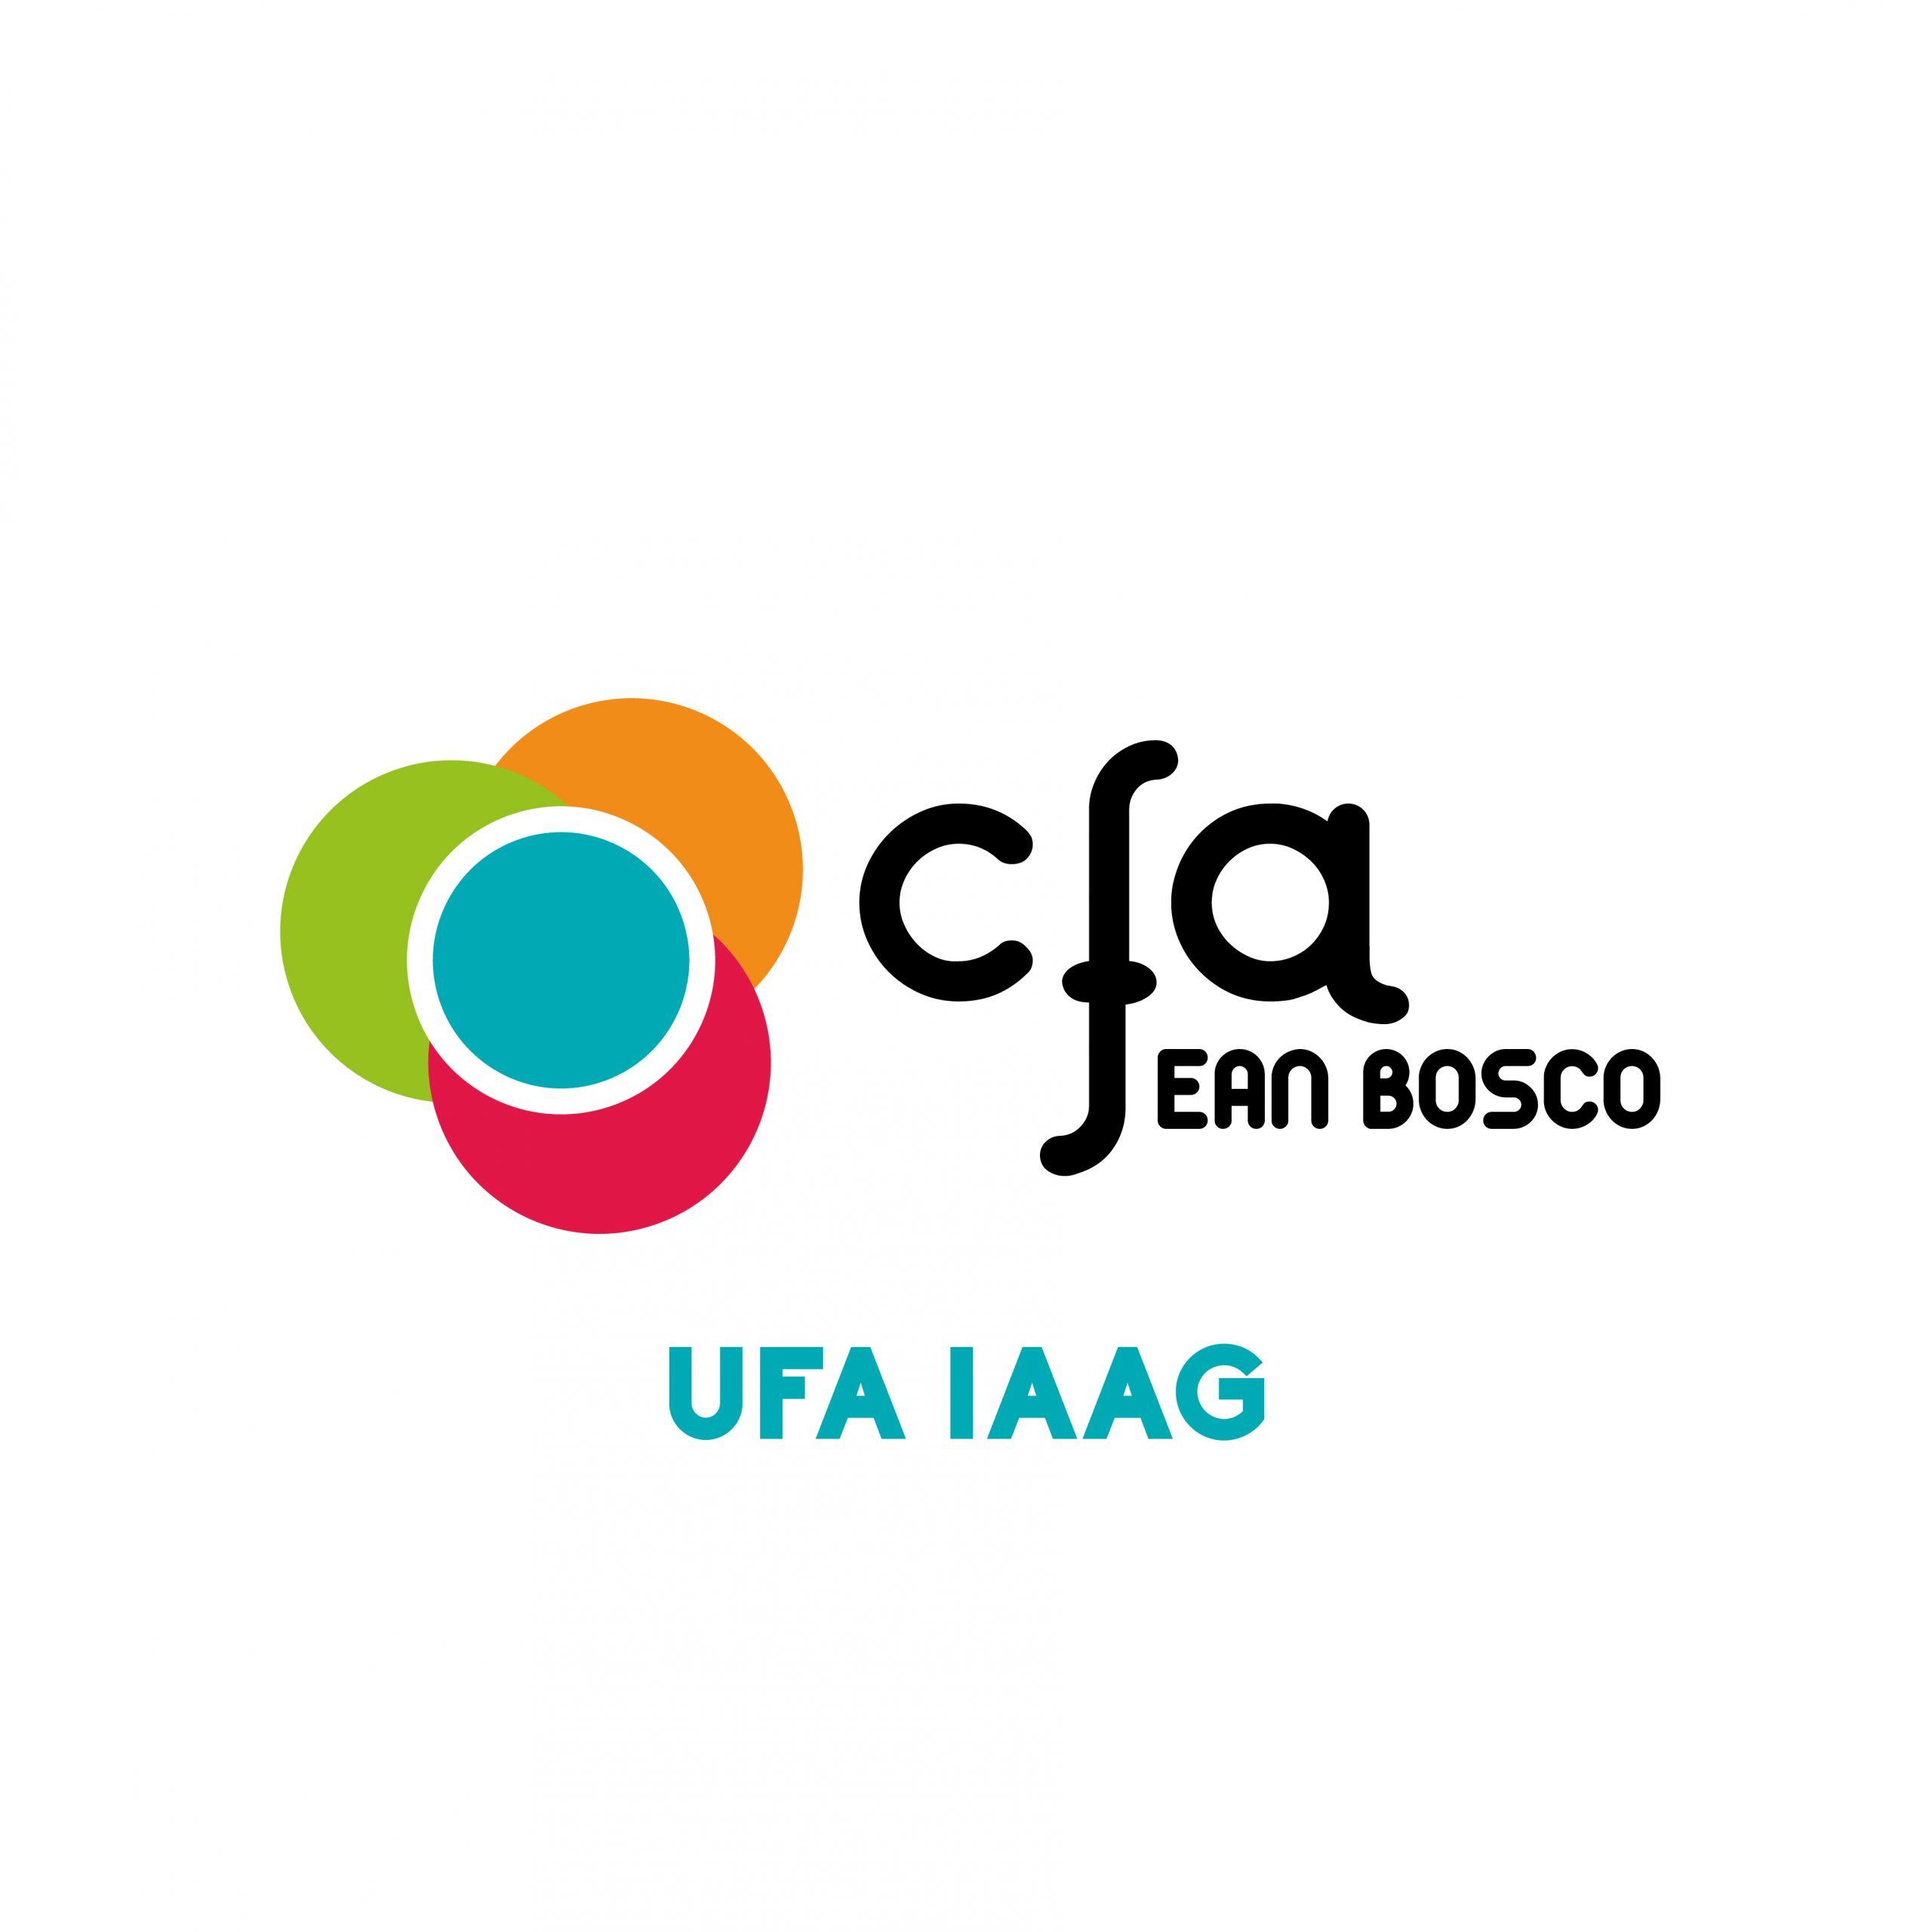 UFA IAAG